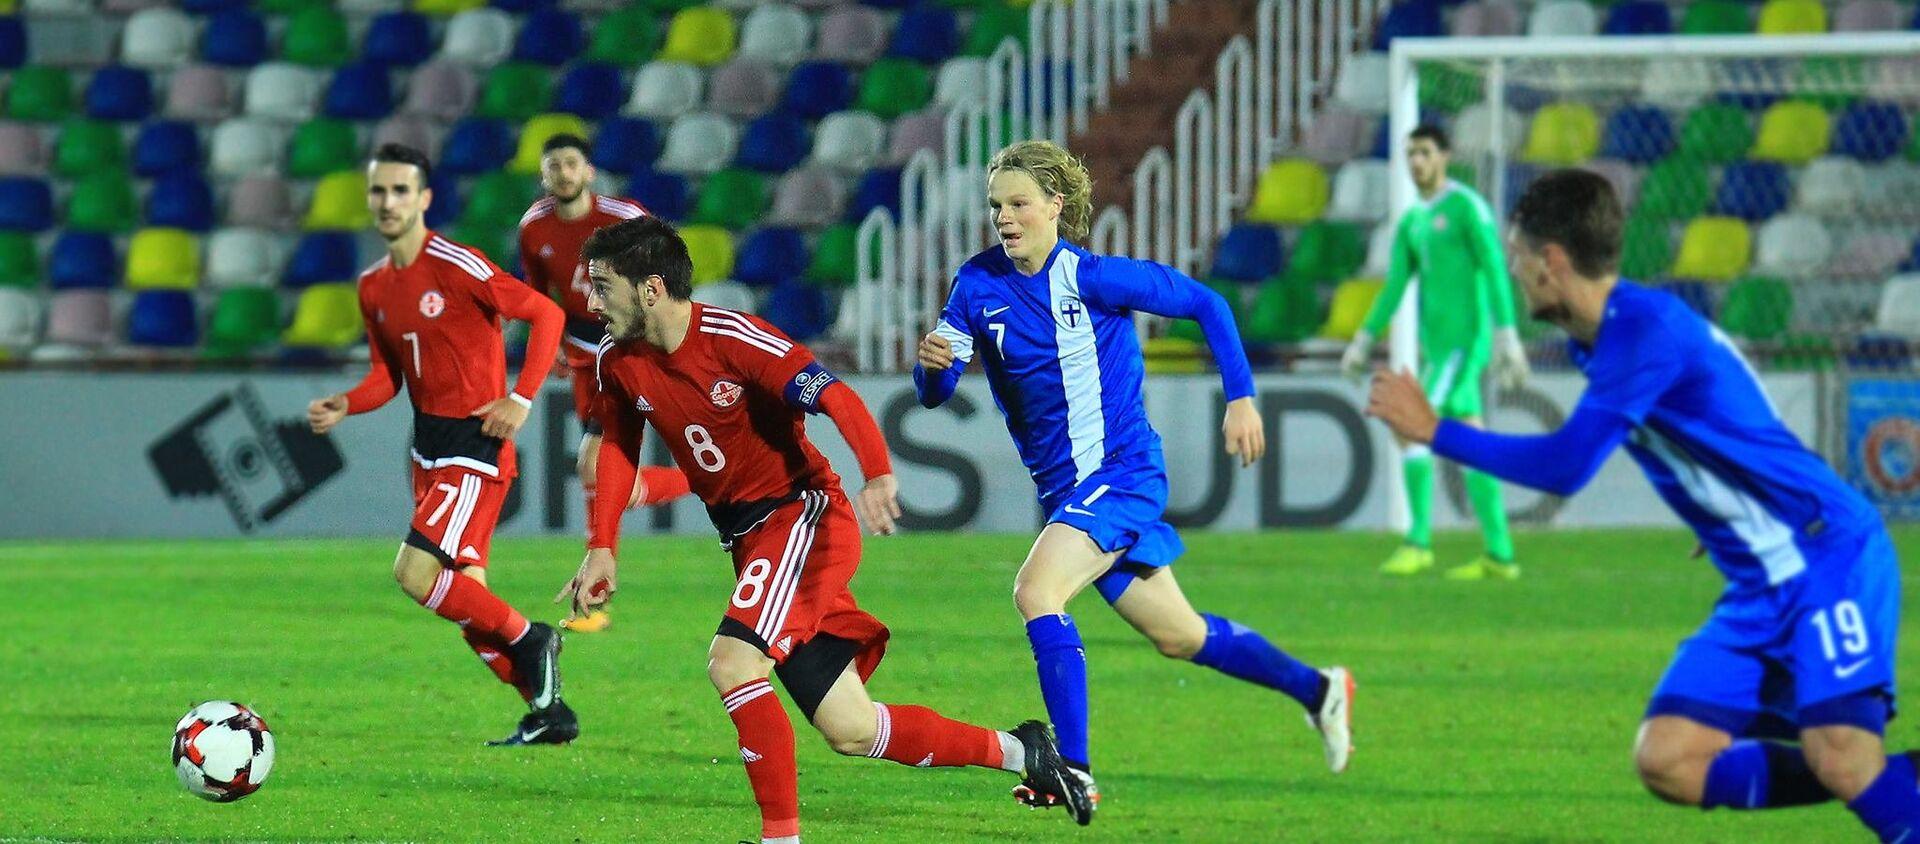 Матч между молодежными сборными Грузии и Финляндии по футболу (U-21)  в Тбилиси   - Sputnik Грузия, 1920, 12.11.2020